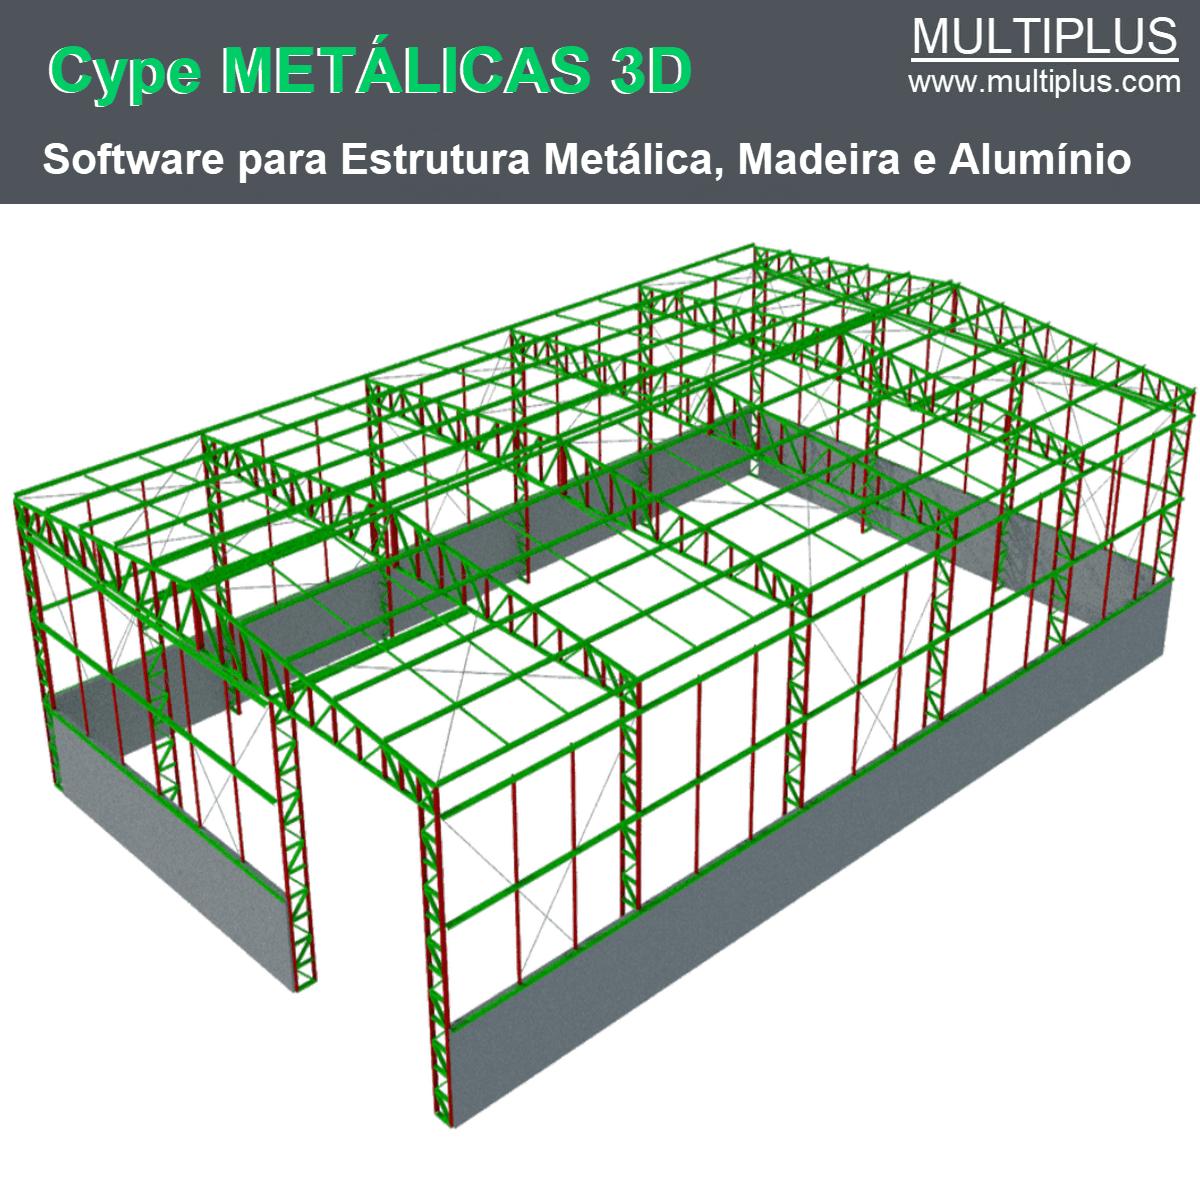 Software Metálicas 3D MT43 versão 2021 (Licença Eletrônica) incluindo Núcleo Básico e Pilares de Concreto  - MULTIPLUS SOFTWARES